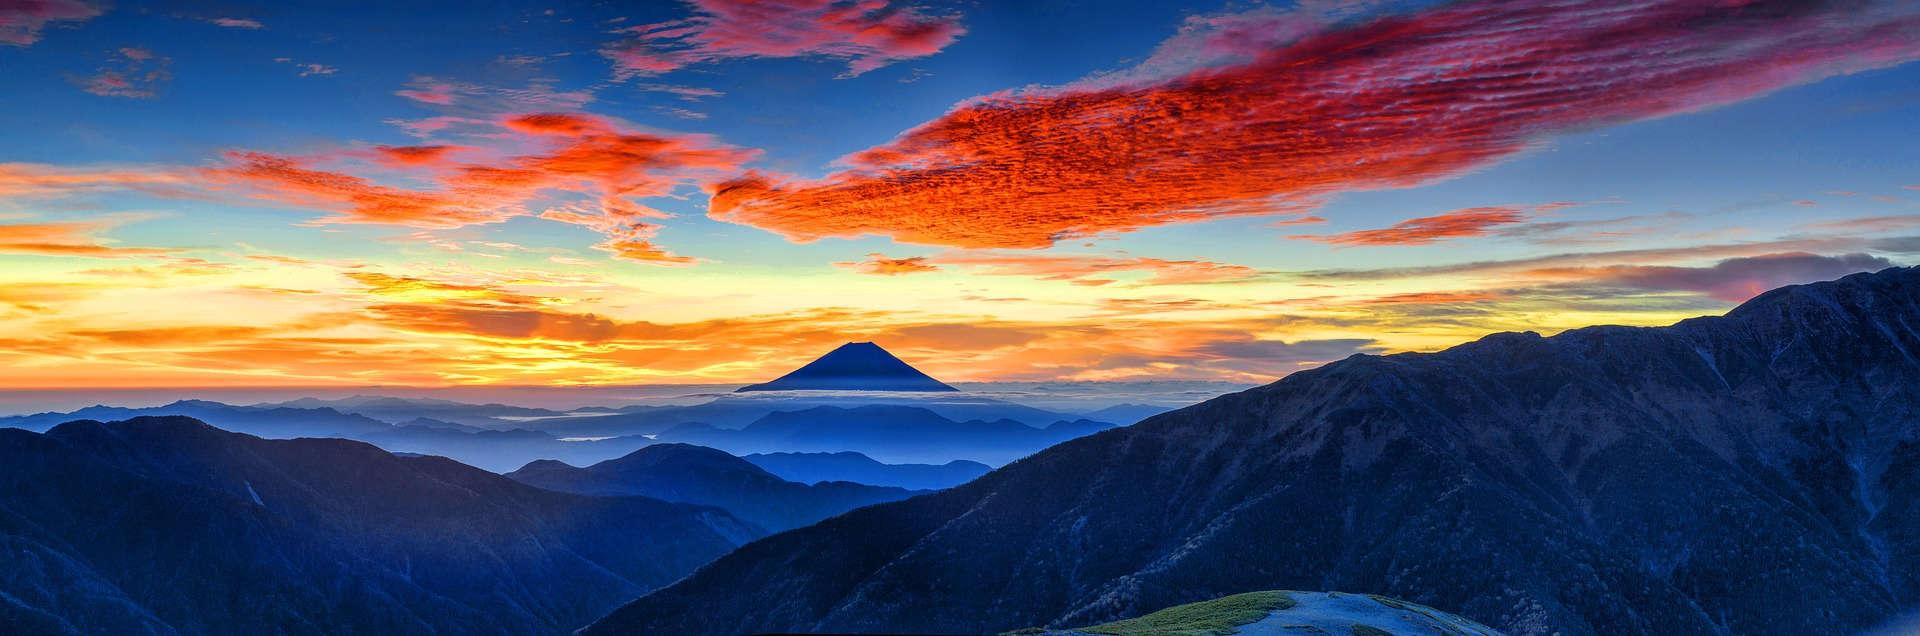 Fuji Berg Panorama Stress Burnout Überforderung